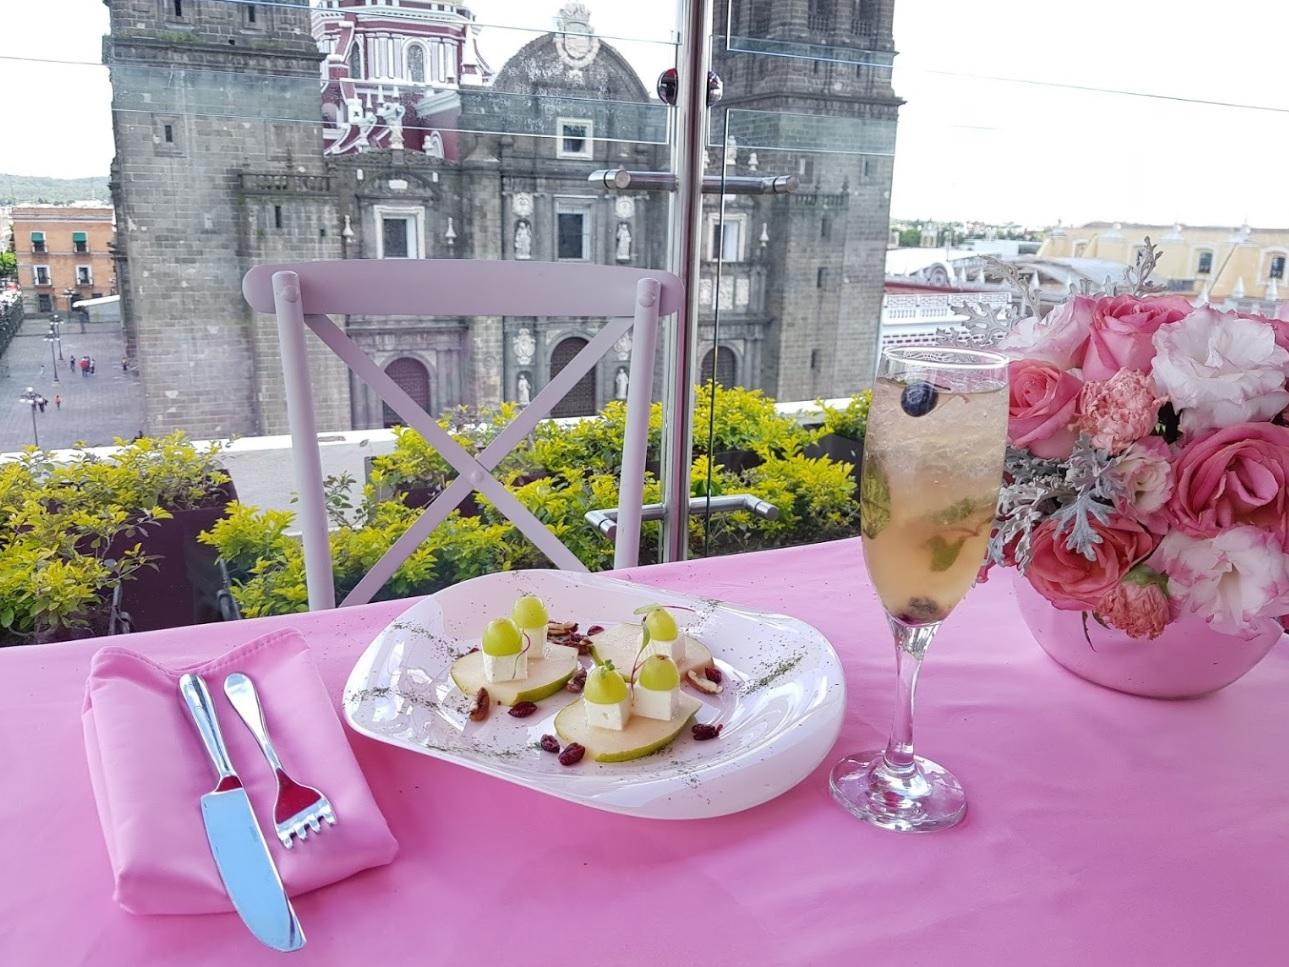 Casa Rosa Gran Hotel Boutique áttico 303 Terraza Contemporánea